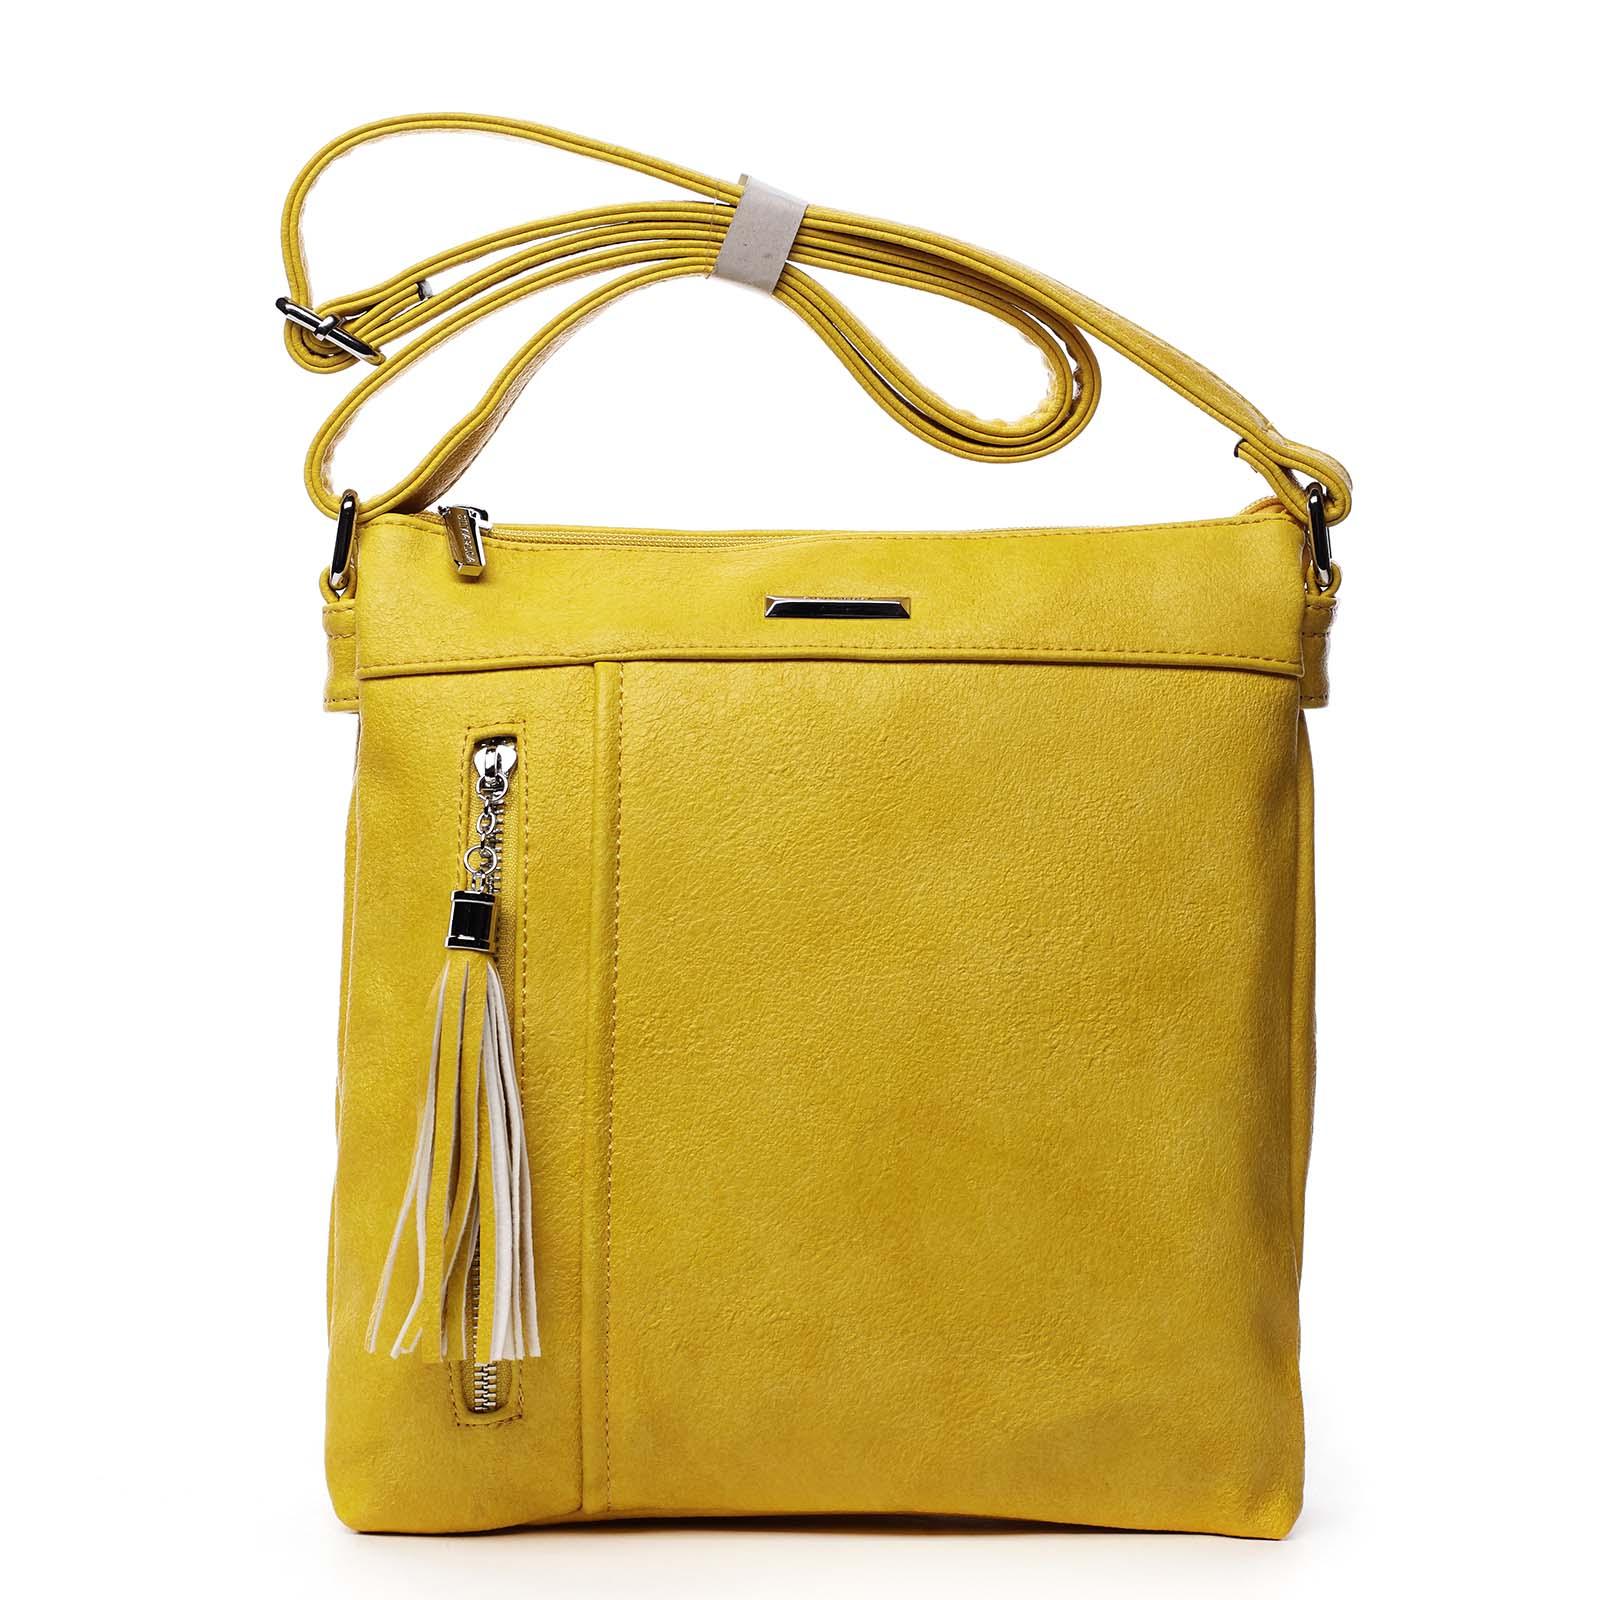 Dámska crossbody kabelky žltá - Silvia Rosa Isitha žltá